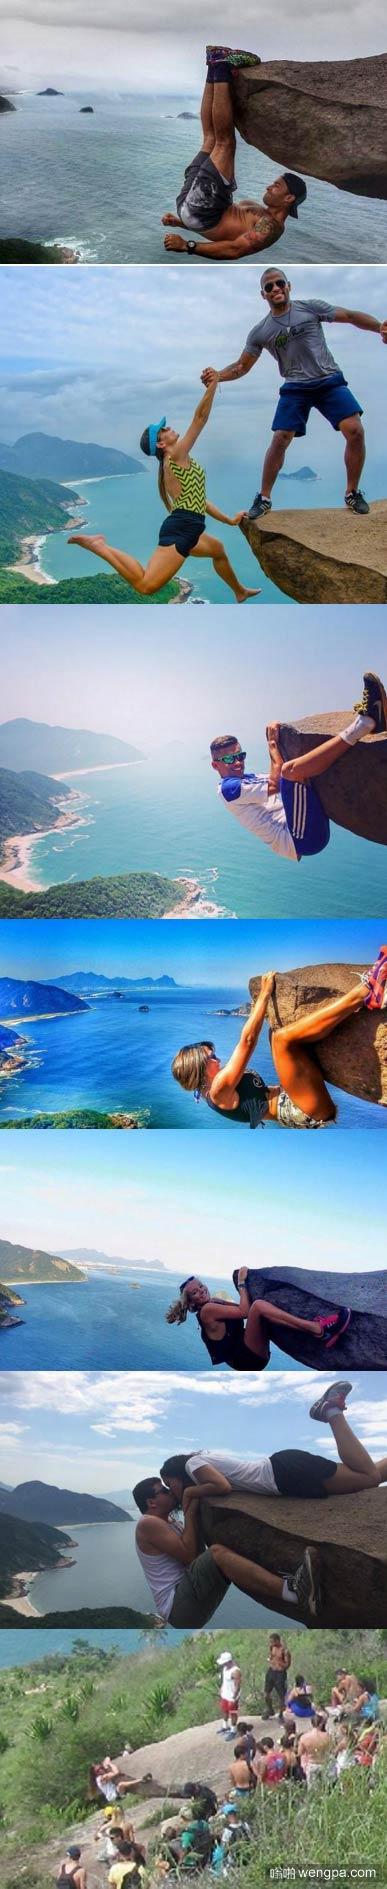 巴西里约悬崖抱石头作死照原来是这样拍的